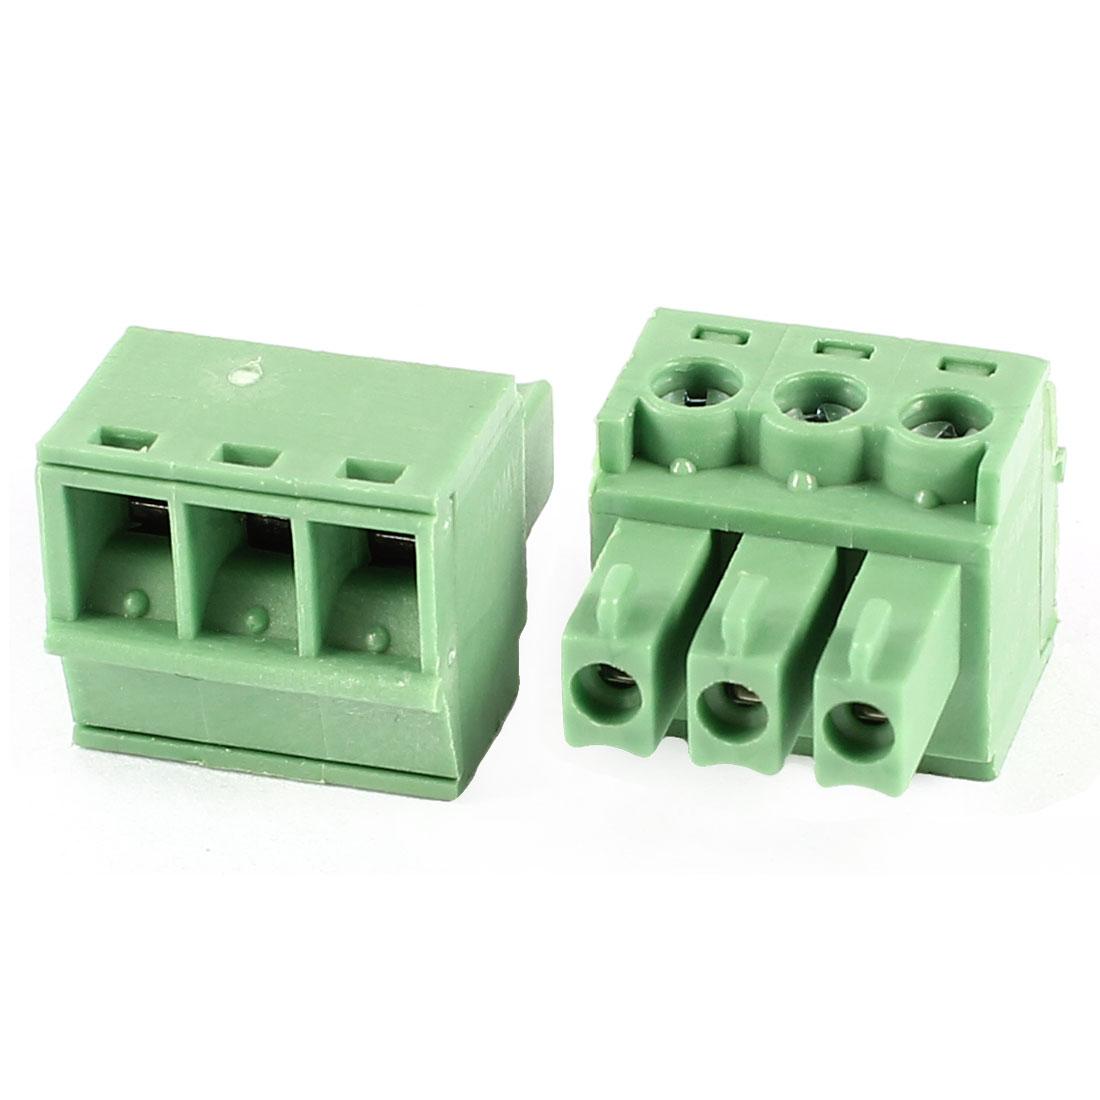 """2 Pcs 16-26AWG 3 Pin 0.15"""" Spacing Pluggable PCB Mount Screw Terminal Block"""